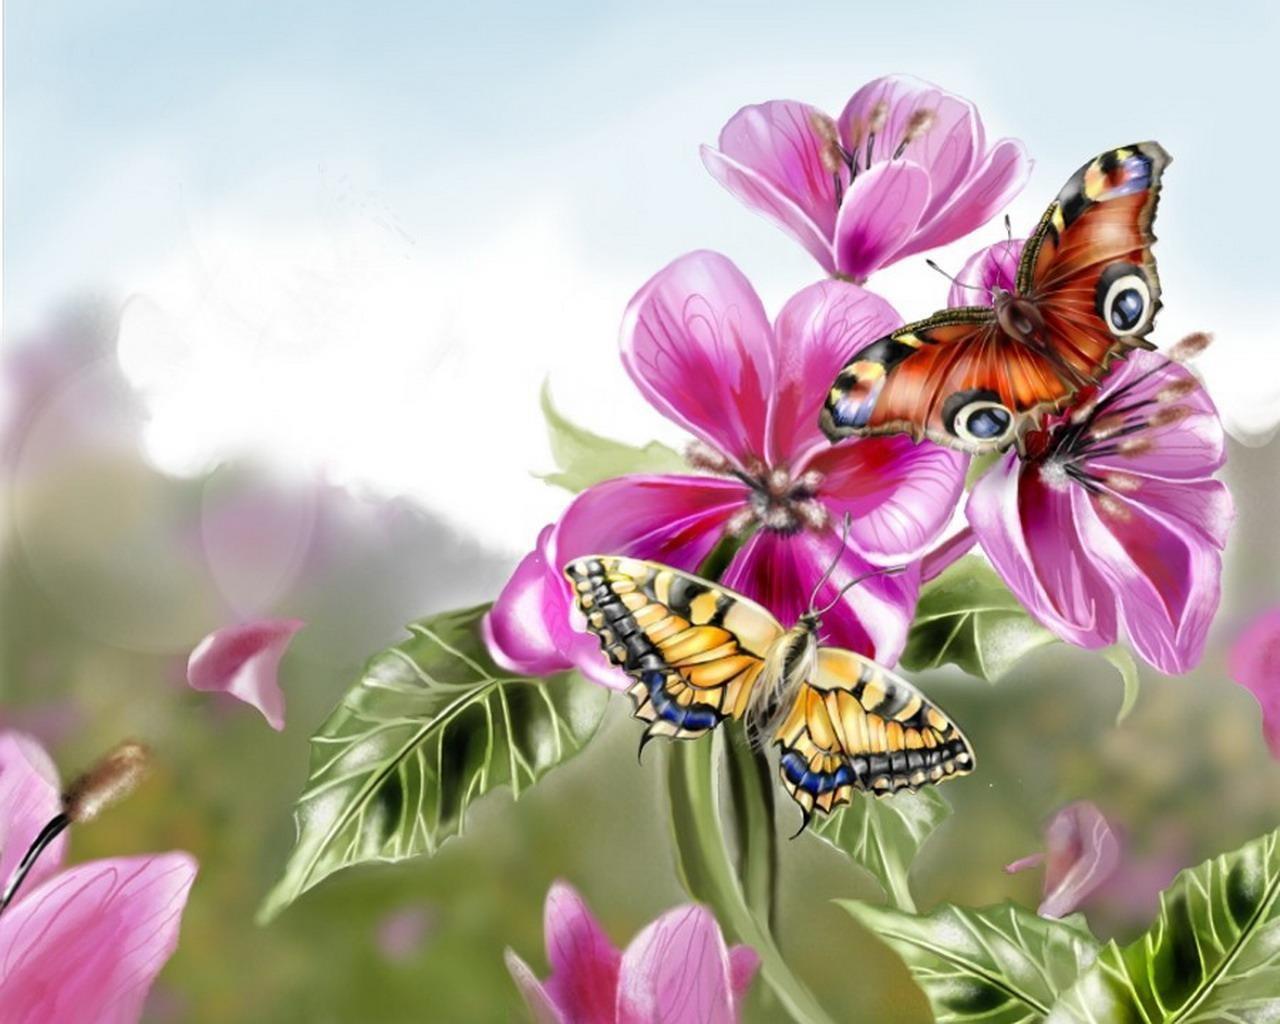 Картинки с днем рождения девушке с бабочками